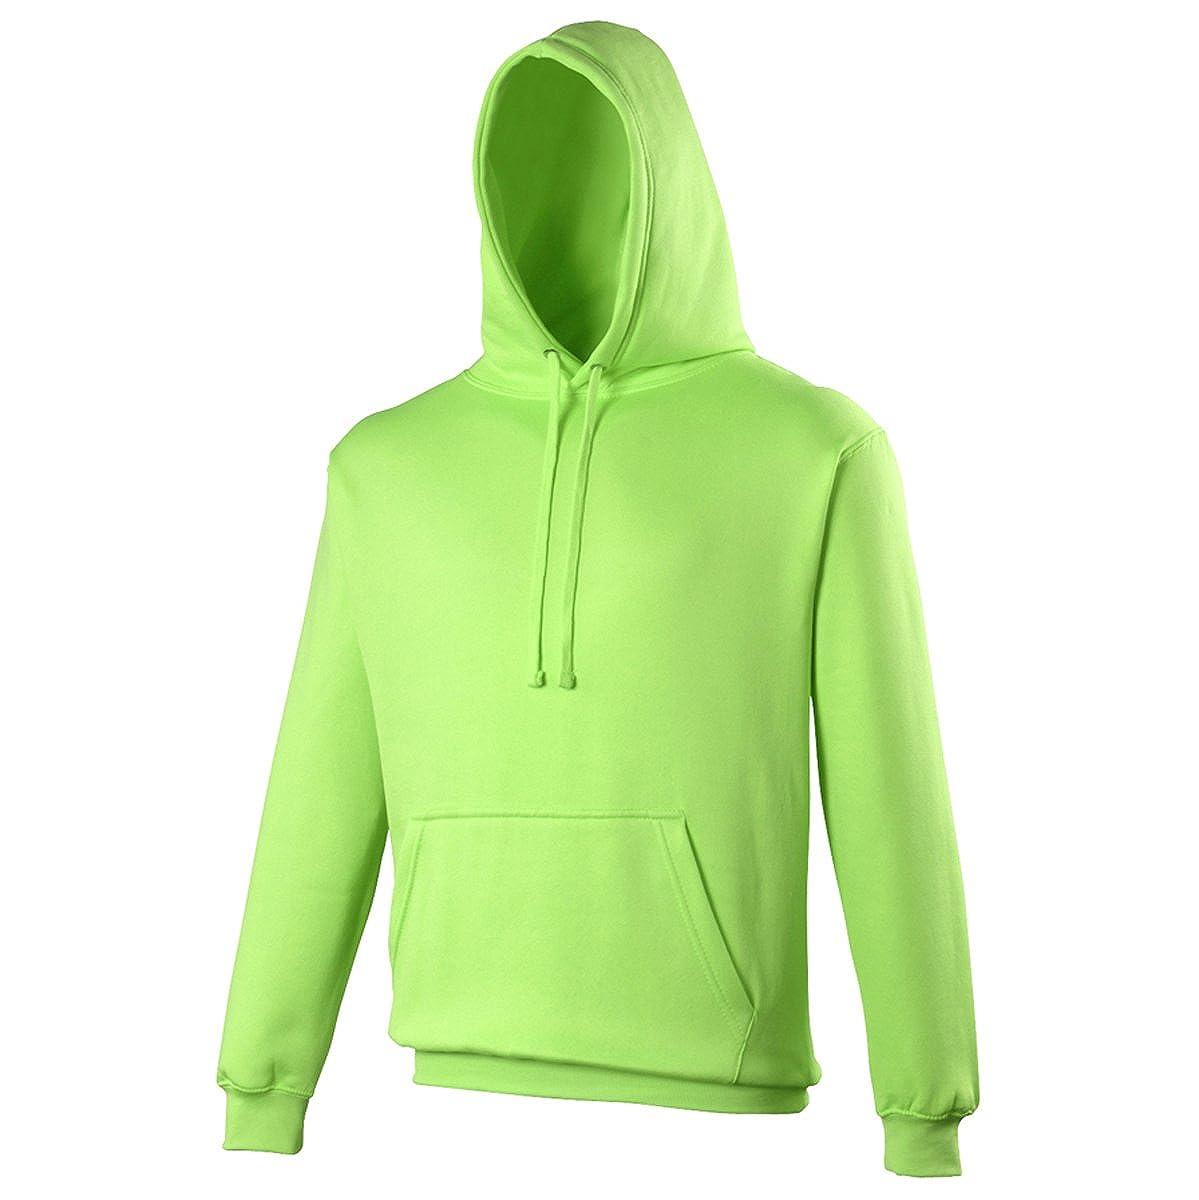 AWDis Hoods Electric Hoodie Electric Streetwear Hoodies